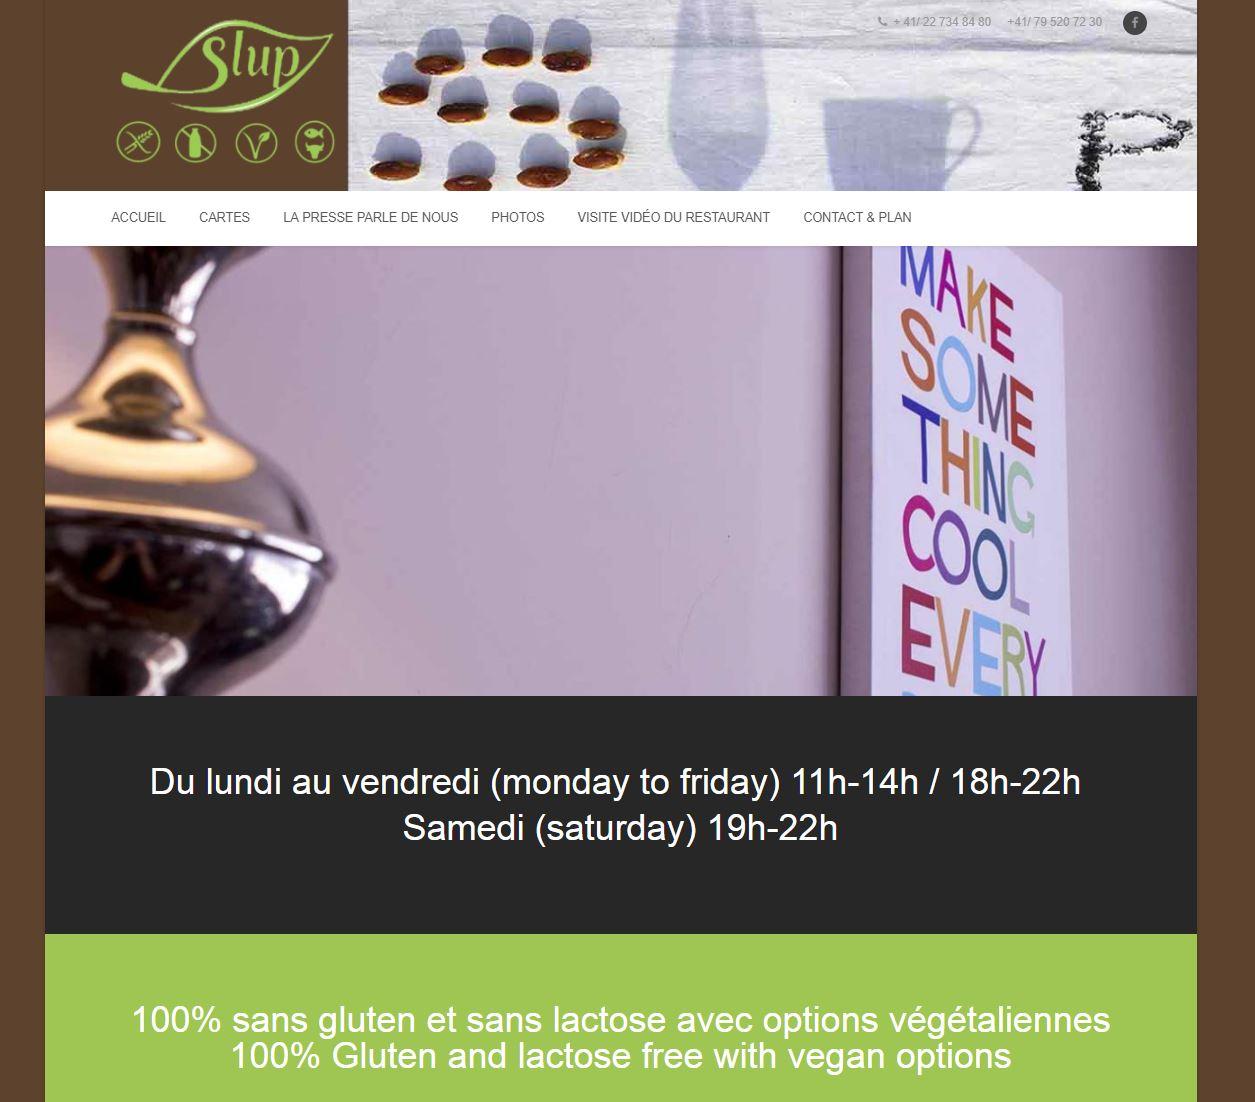 Sans Gluten Lactose Vgan Cru Bio Produits Locaux Fait Maison Restaurant Menu Plats Du Jour Lu Ve 11h 14h 18h 22h Sa 19h